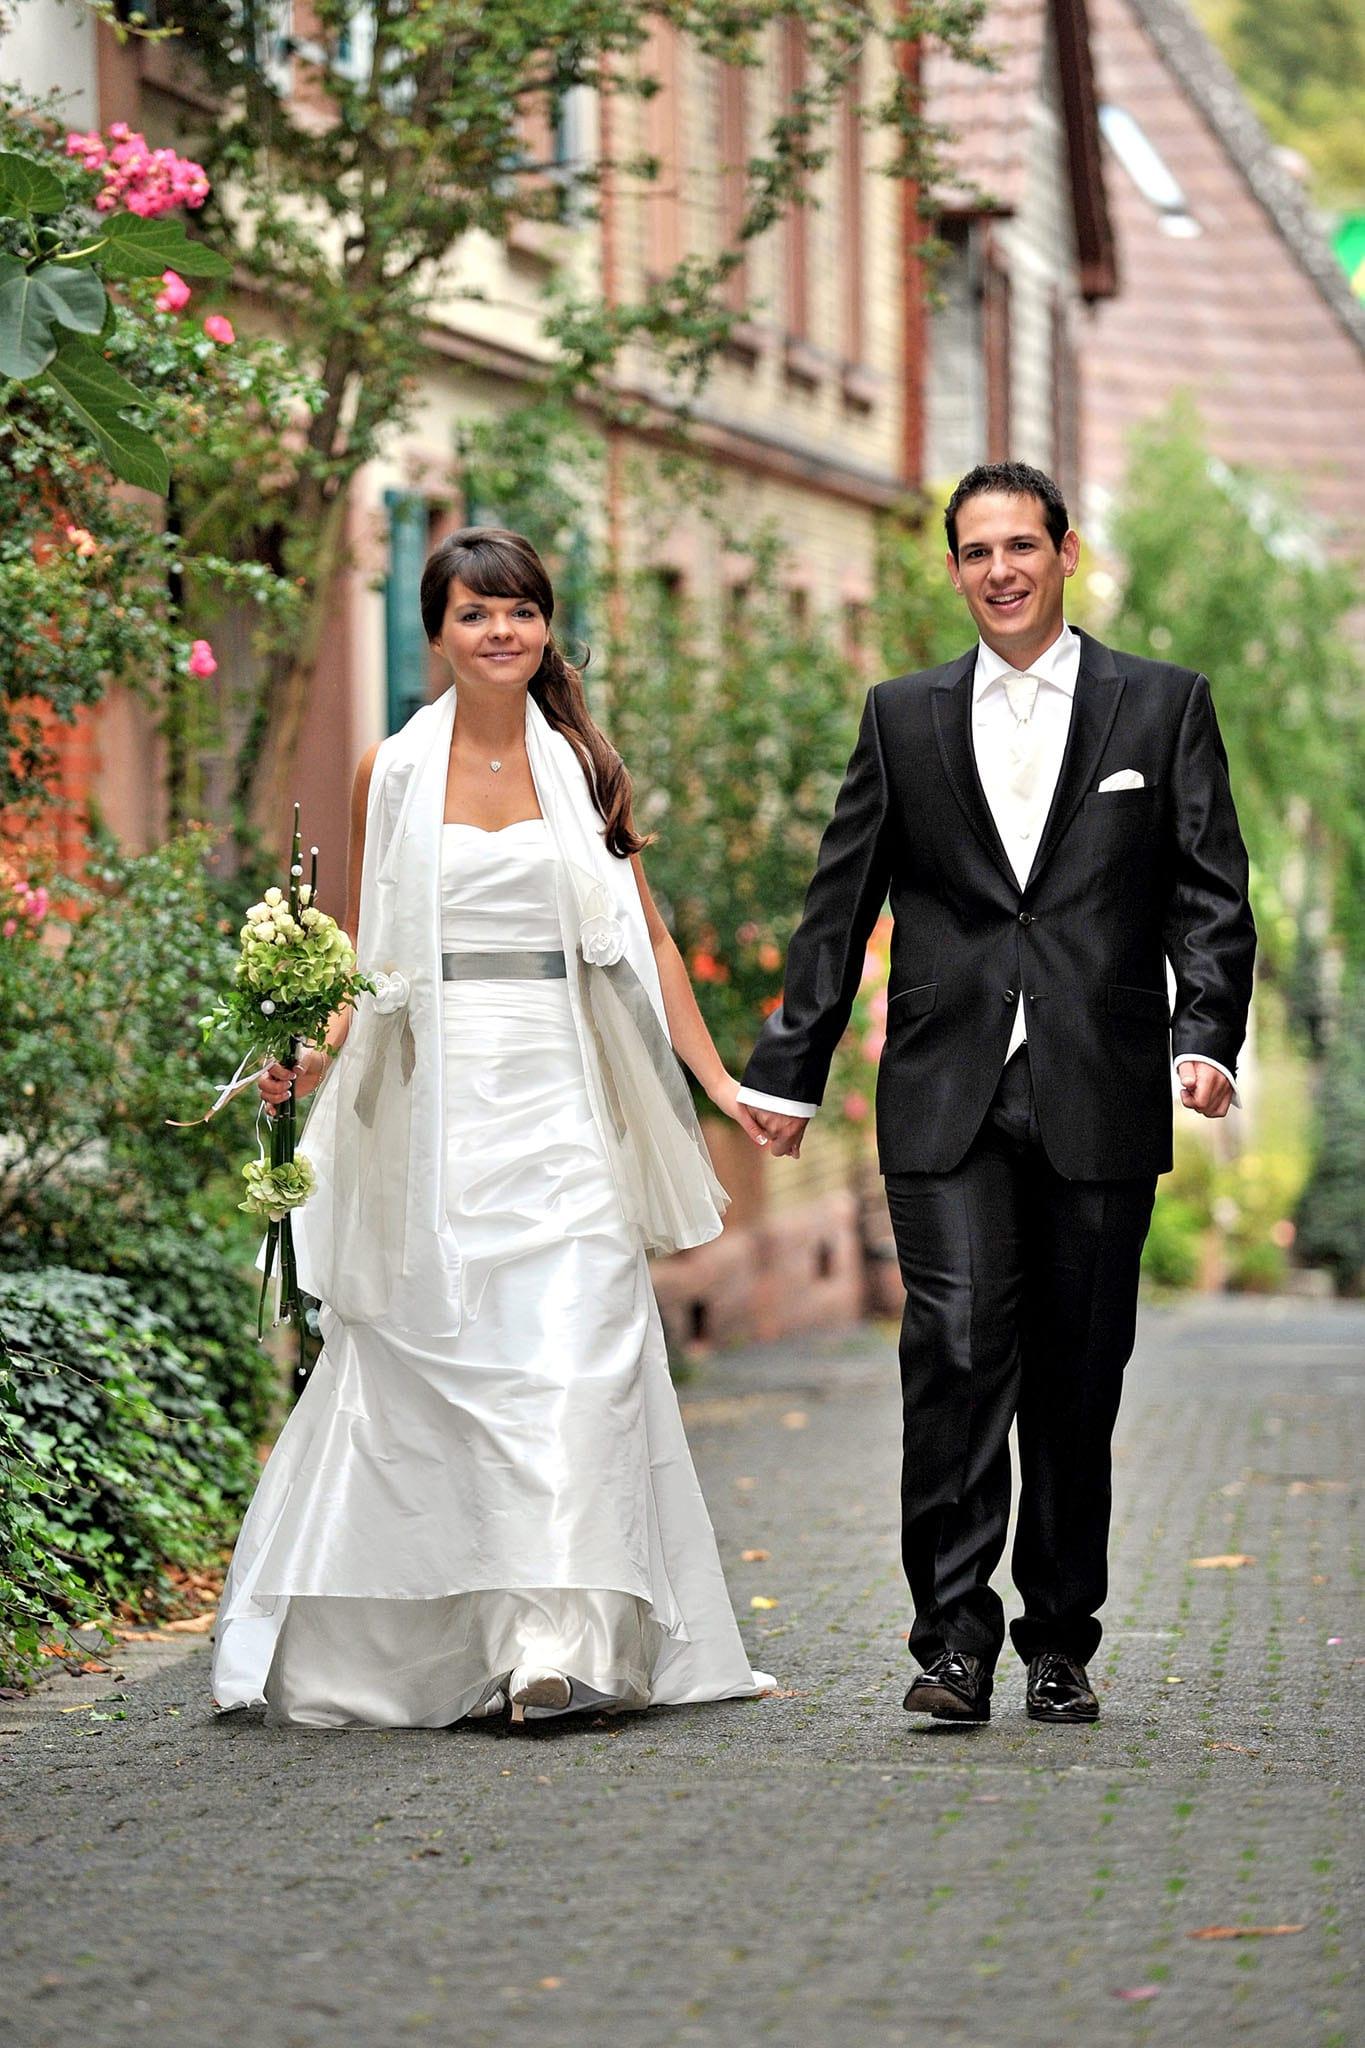 Hochzeit 078 Hochzeit Braut Bräutigam Brautpaar Heppenheim Altstadt Hochzeitsfotografie Daniel Fuss Fotografie